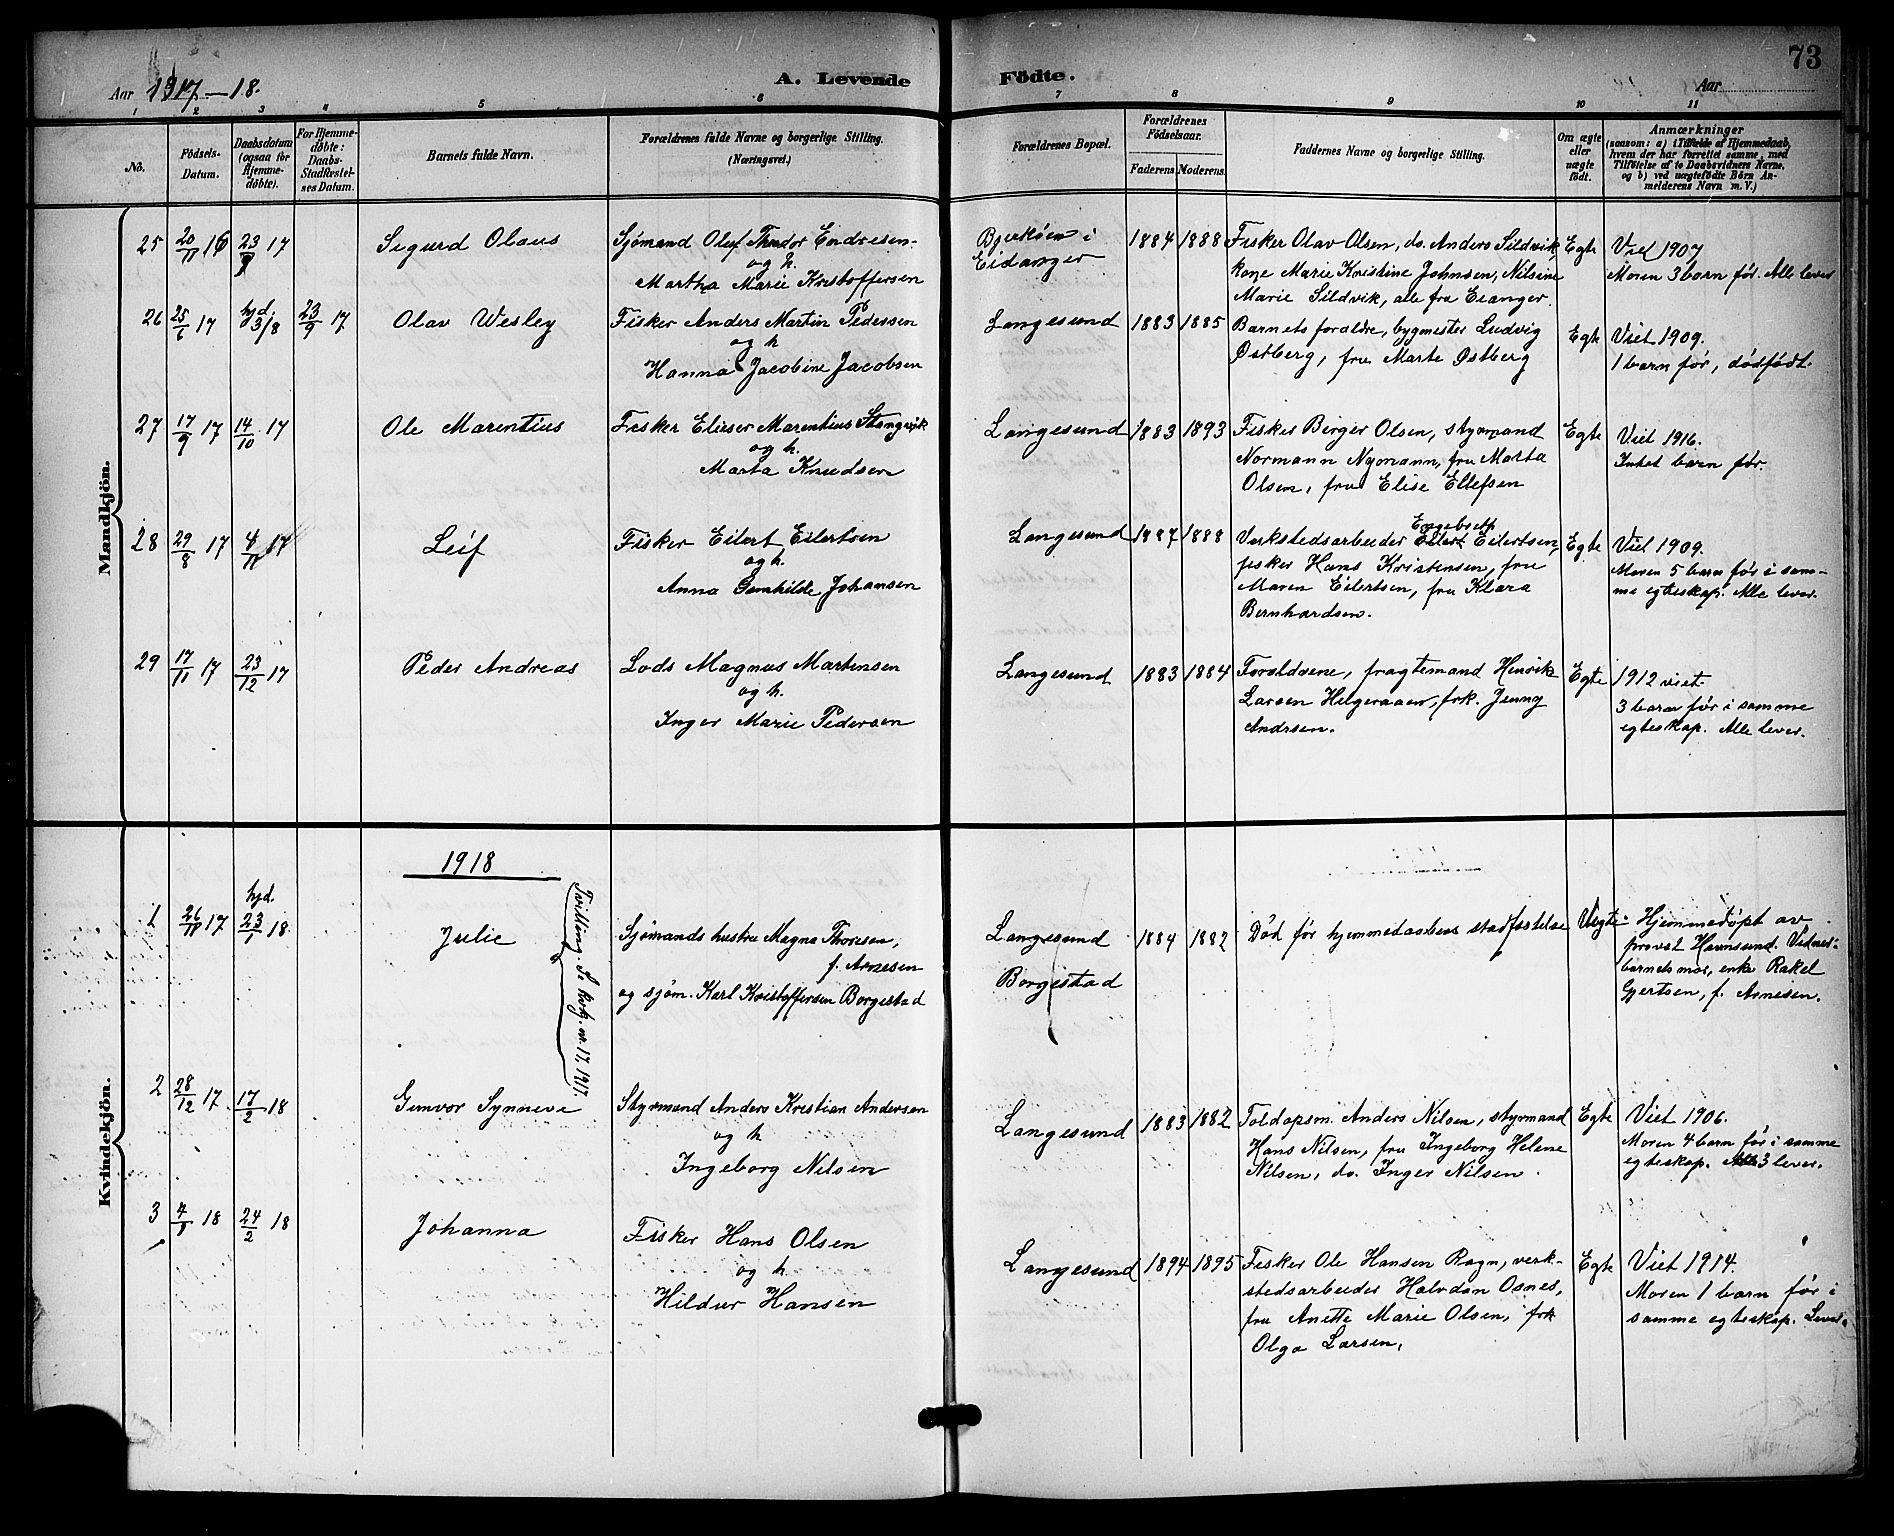 SAKO, Langesund kirkebøker, G/Ga/L0006: Klokkerbok nr. 6, 1899-1918, s. 73